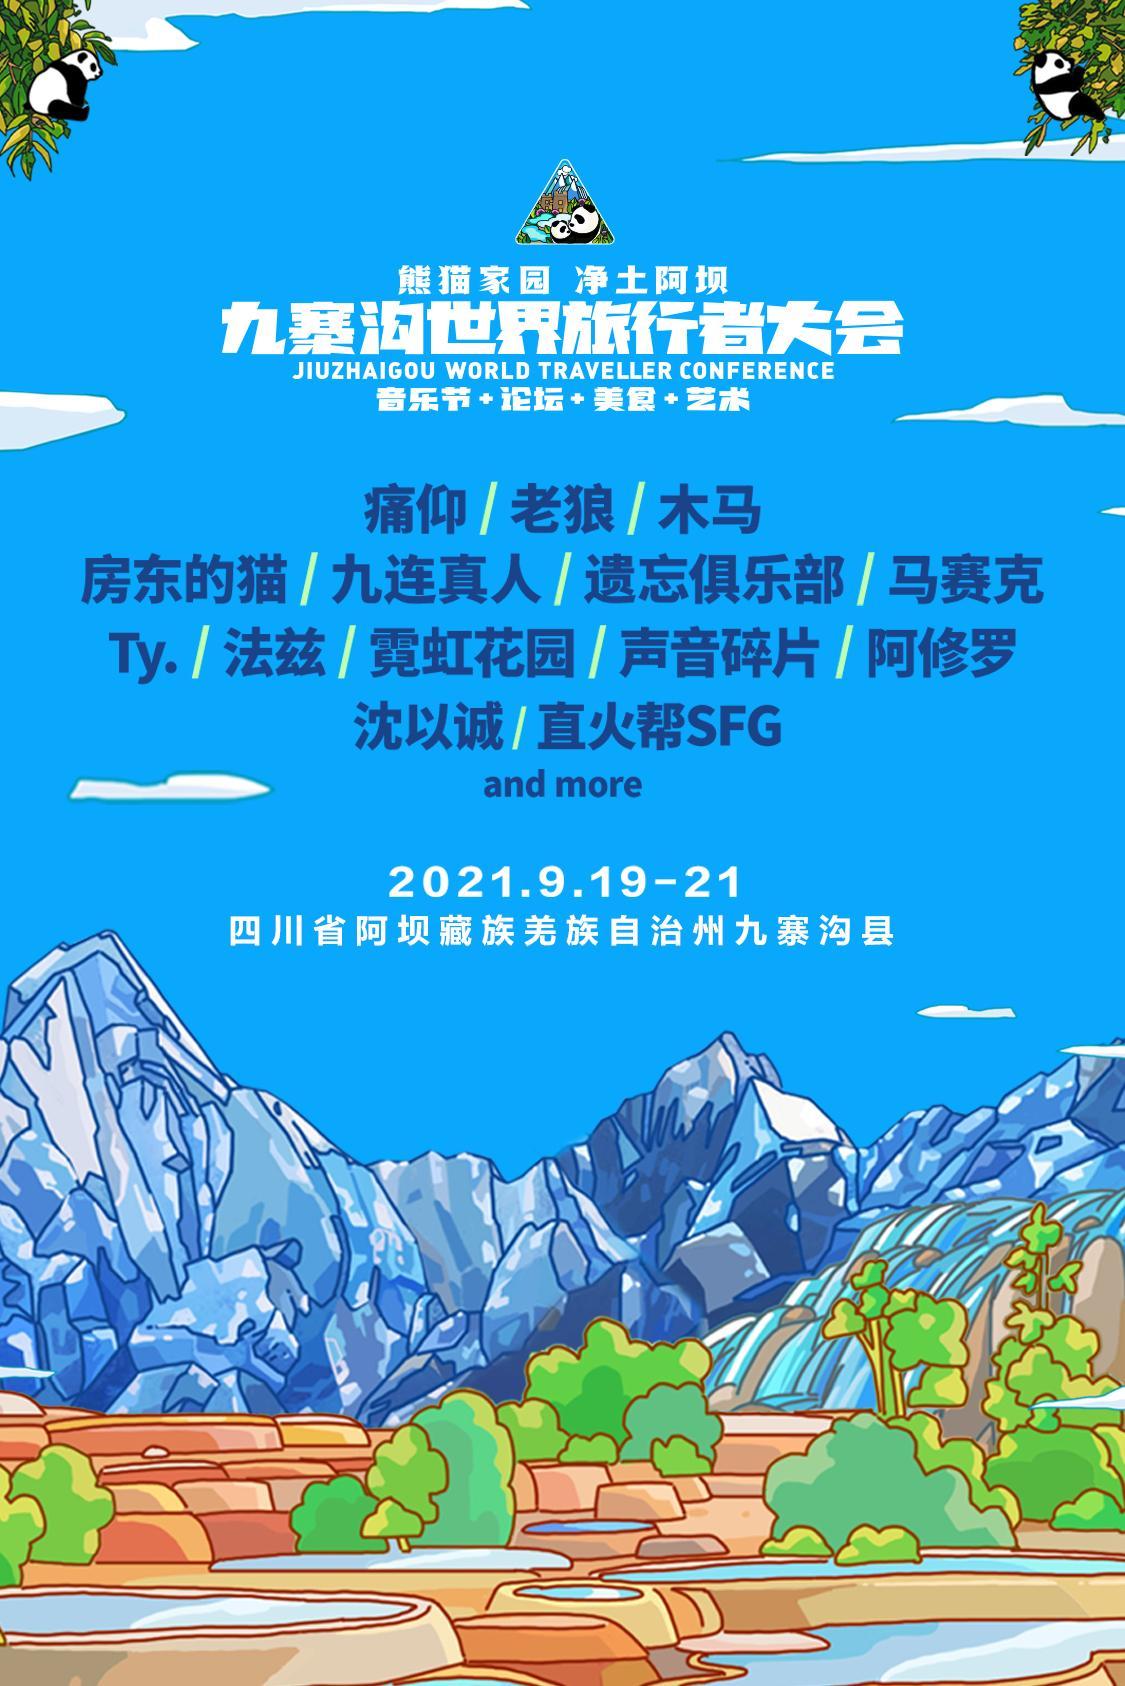 净土阿坝·九寨沟世界旅行者大会音乐节